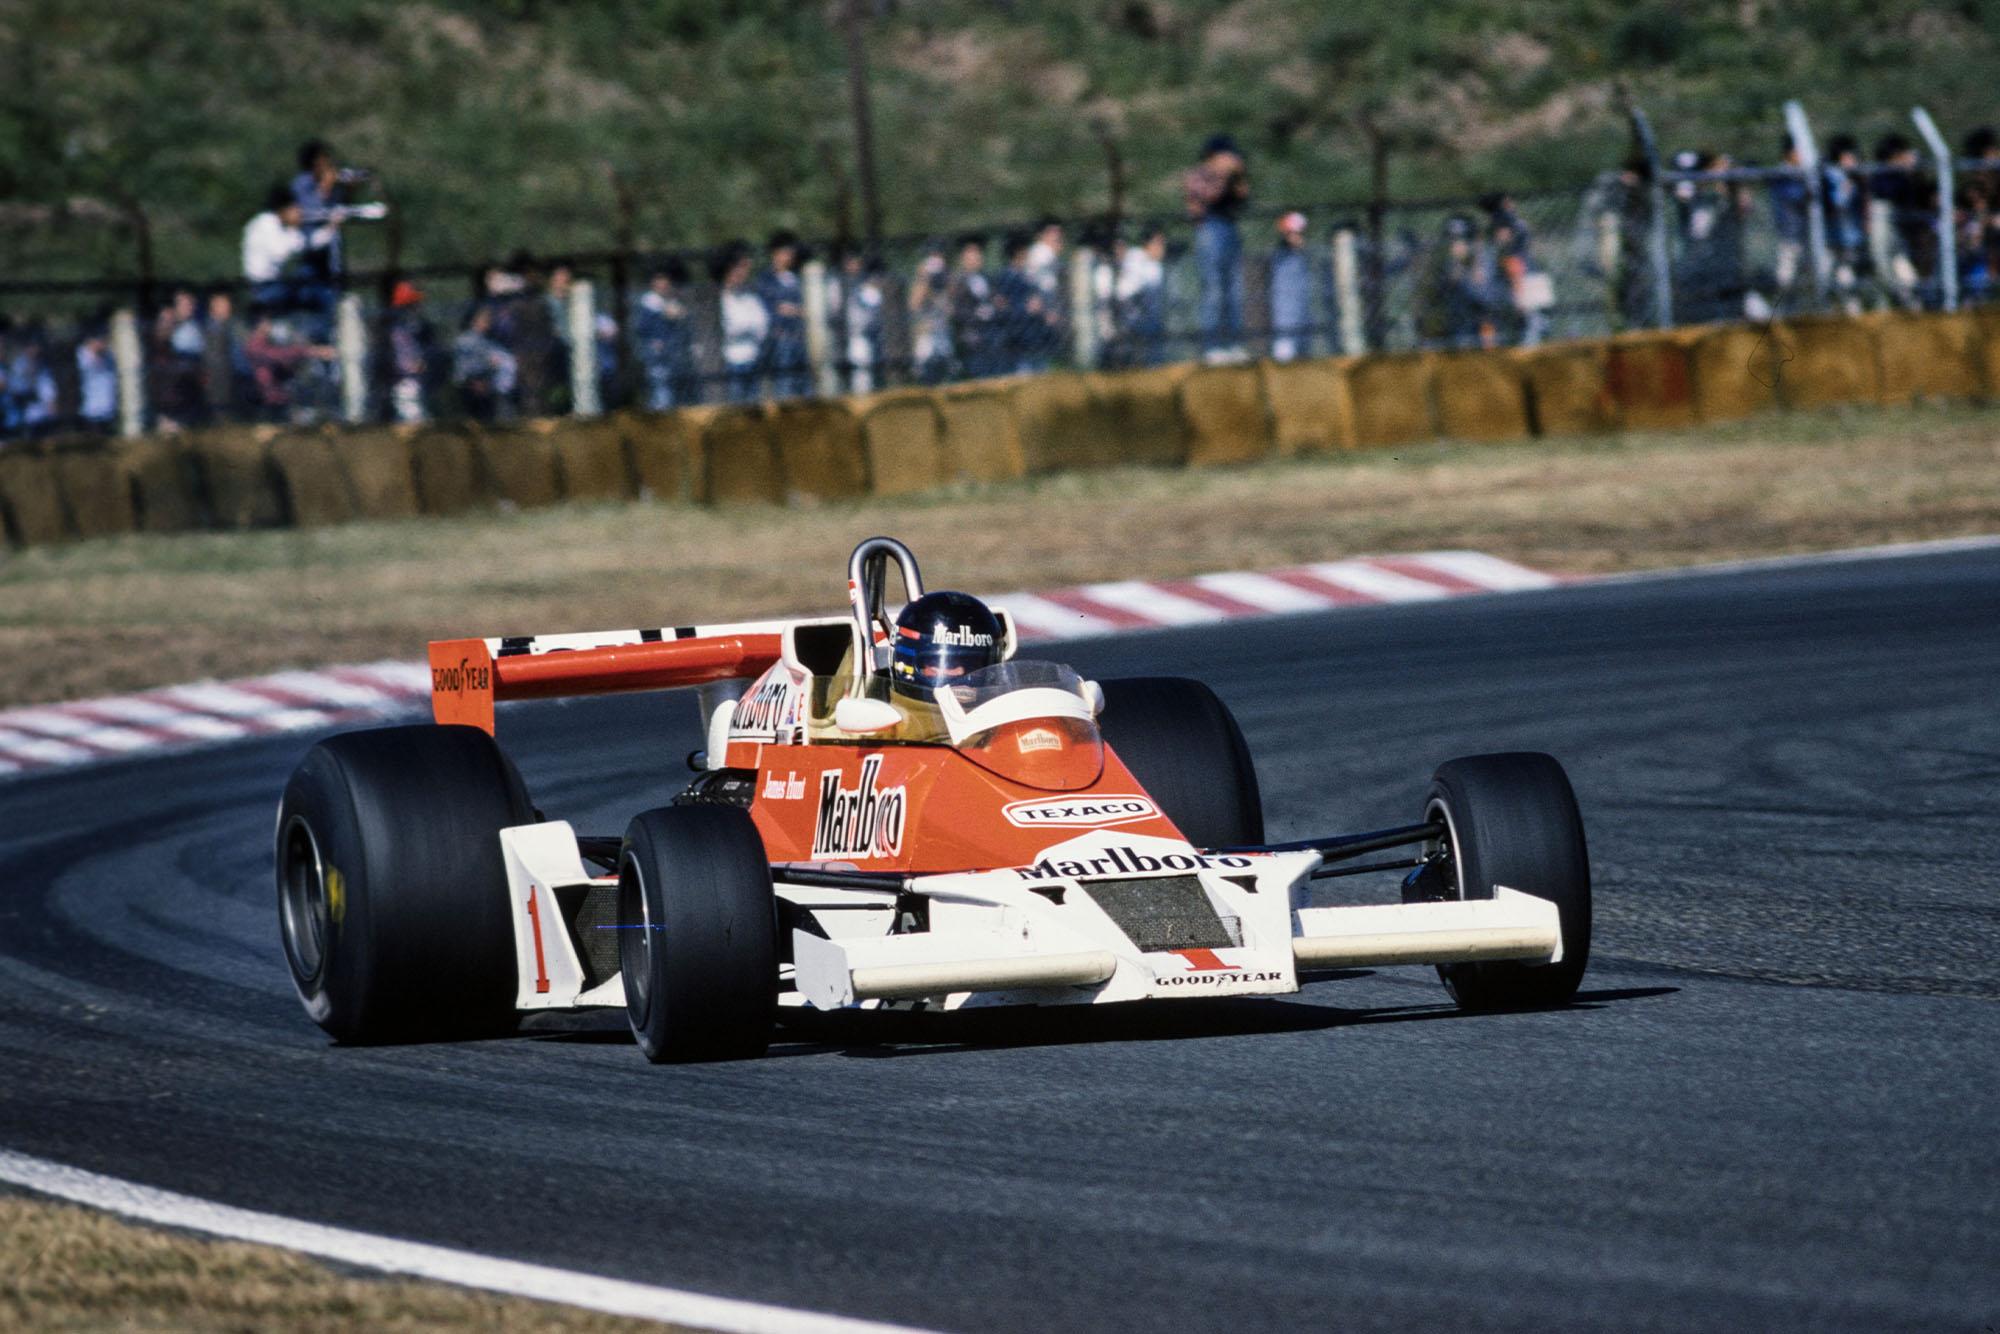 James Hunt (McLaren) driving at the 1977 Japanese Grand Prix, Fuji.